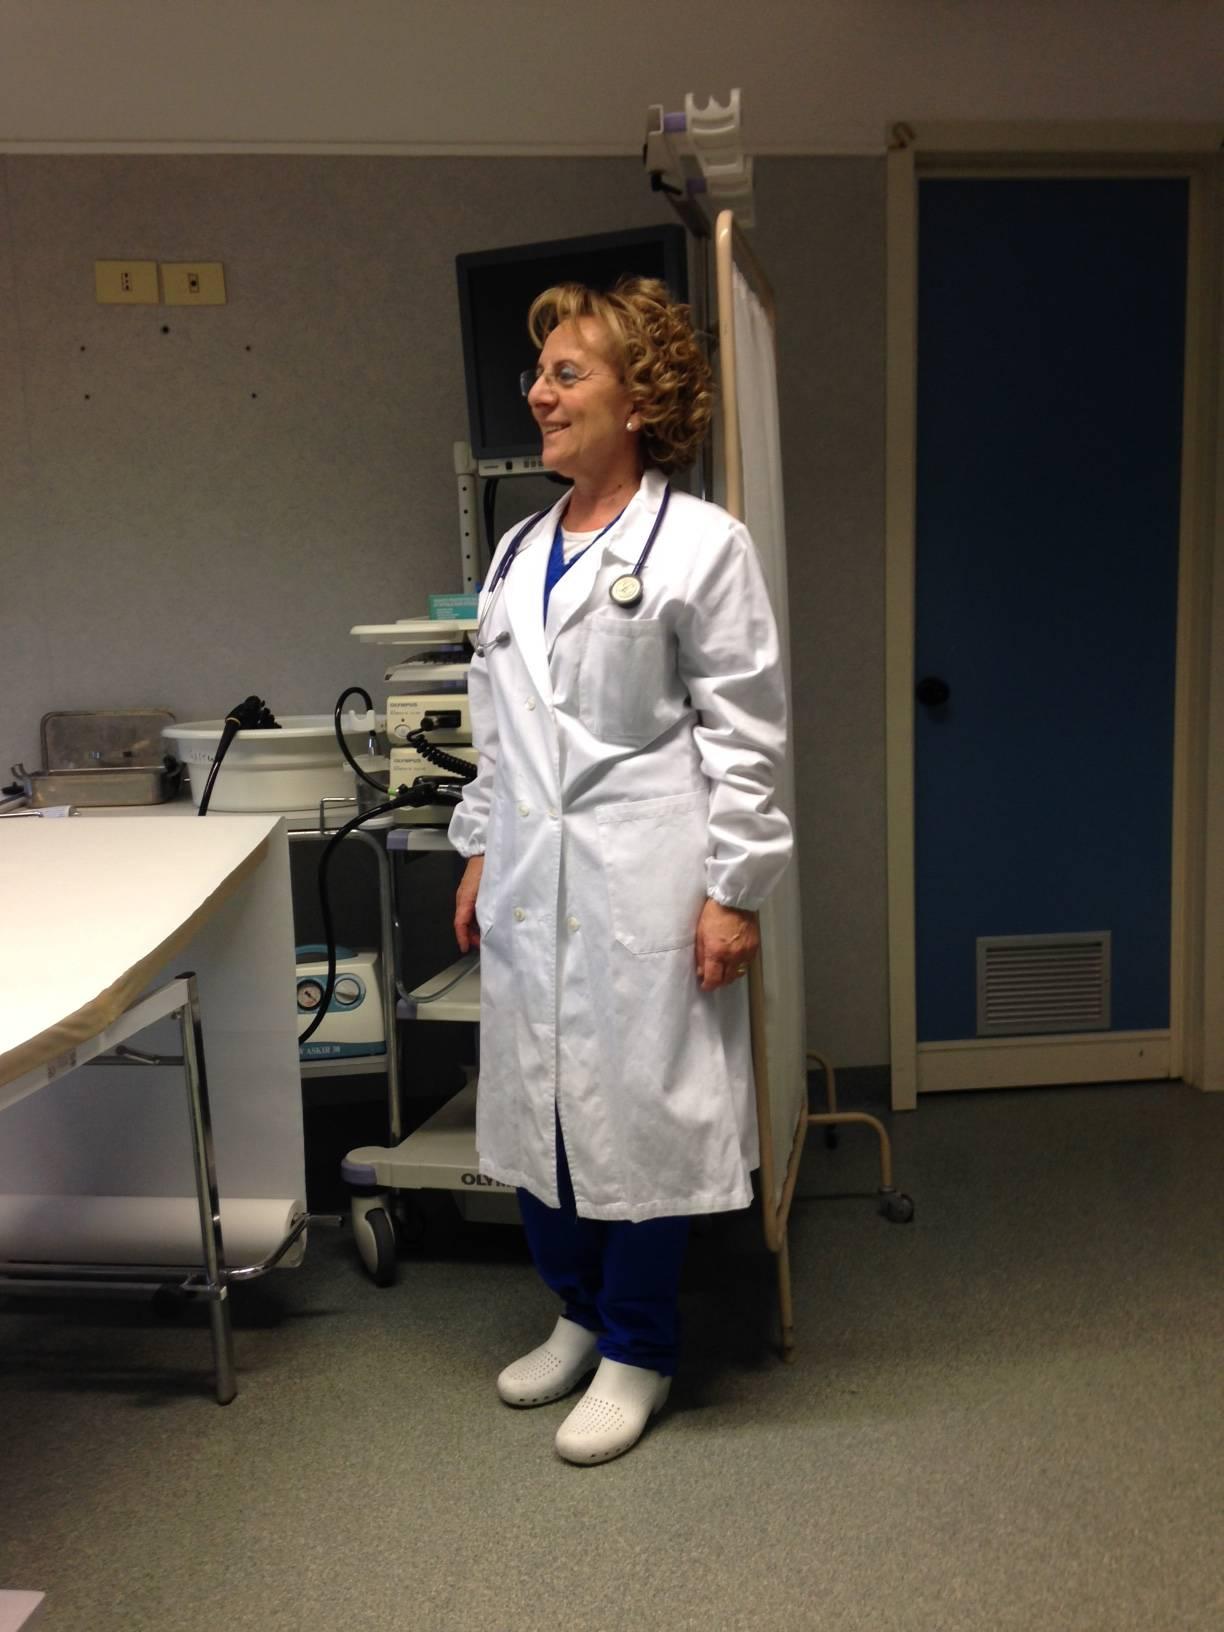 Sardegna gastroenterologo cagliari